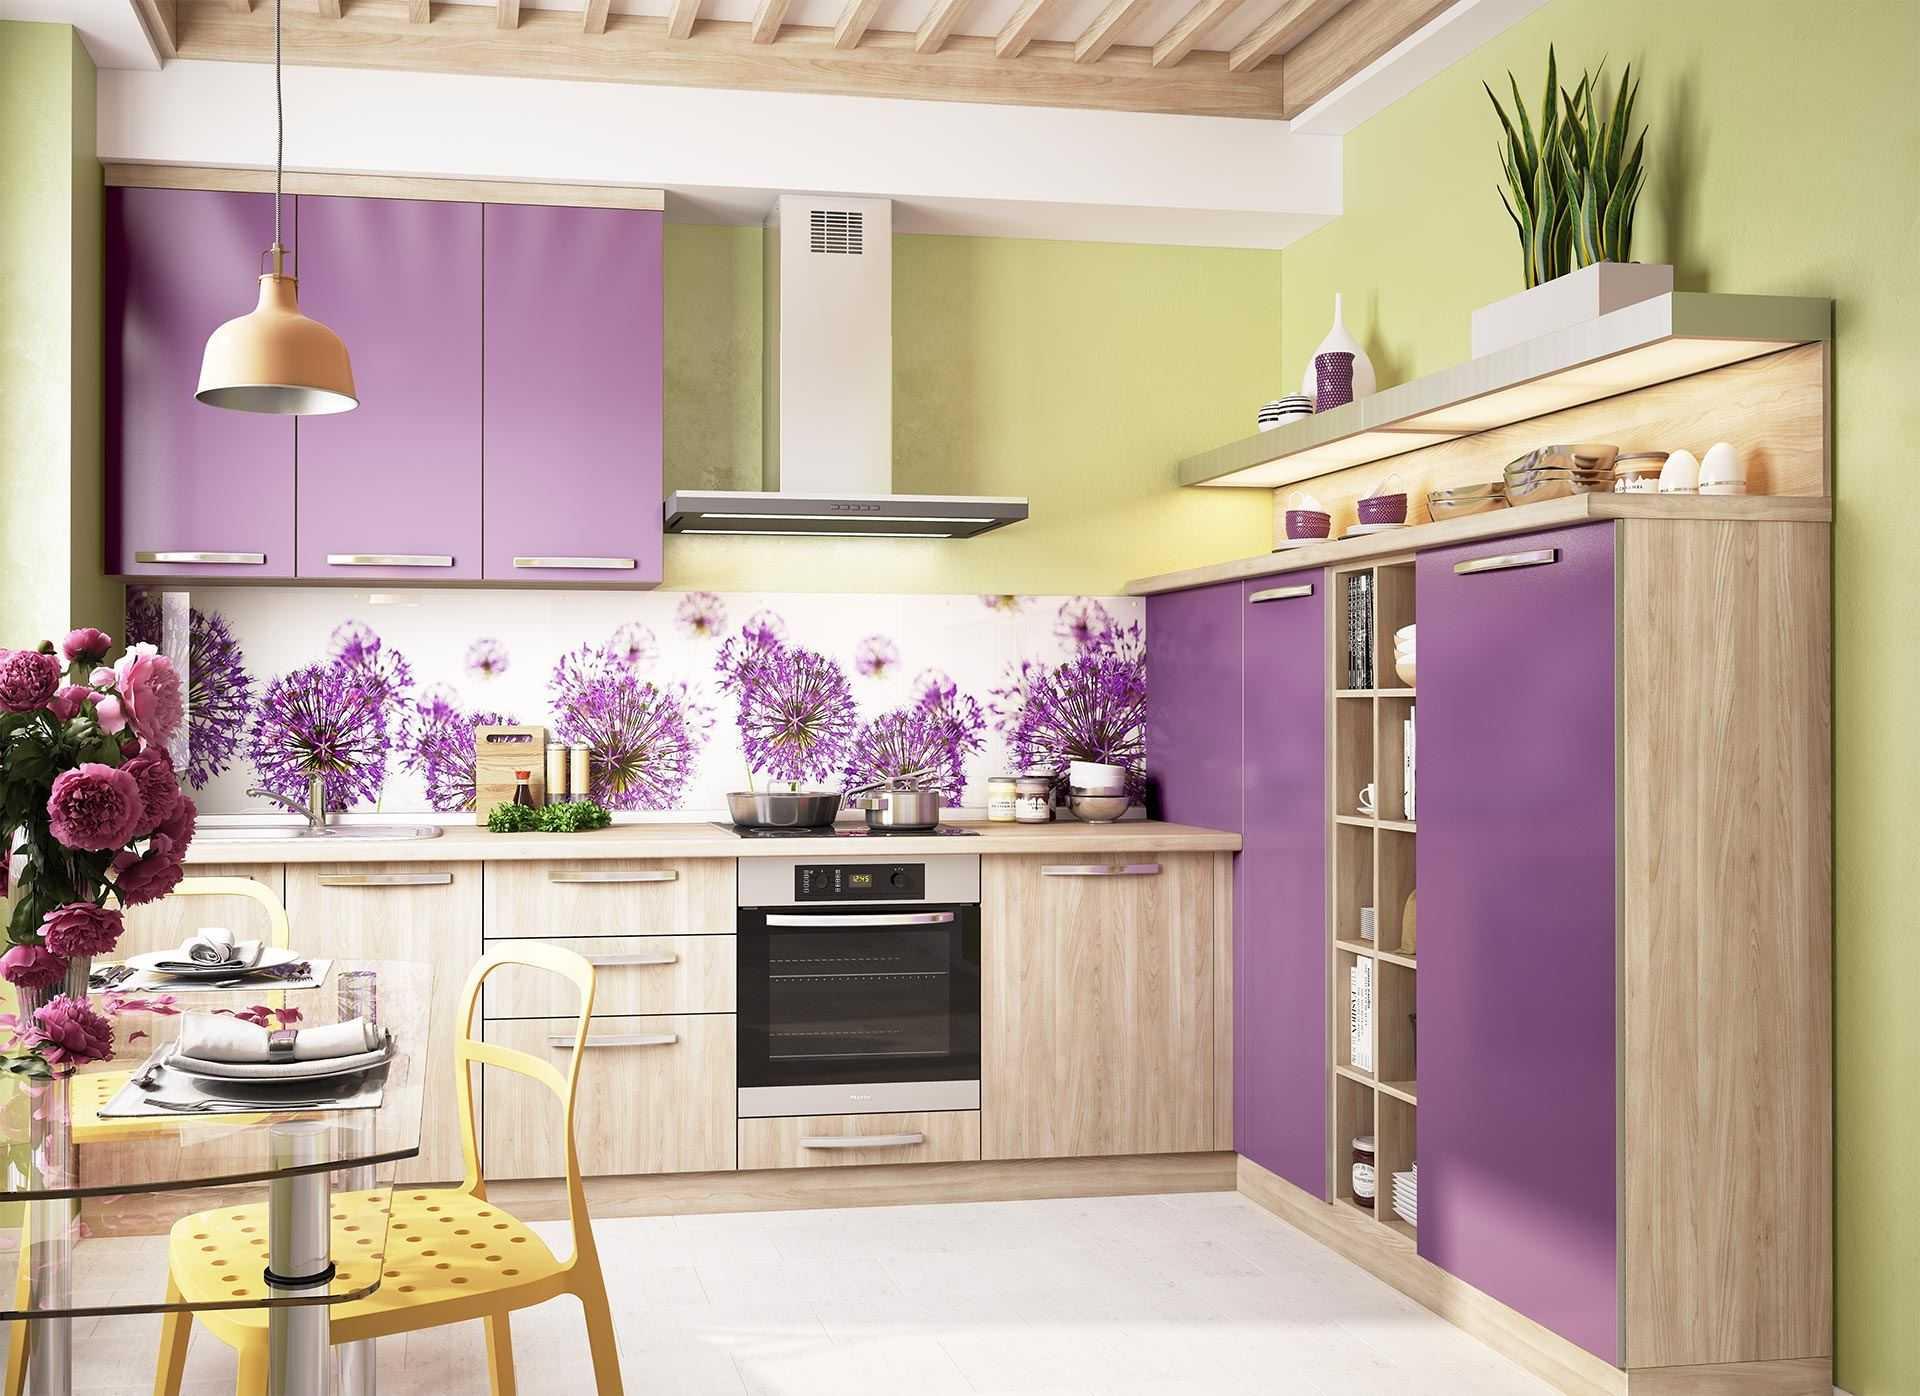 Сиреневая кухня: 30 фото идей дизайна и отличных сочетаний с другими цветами